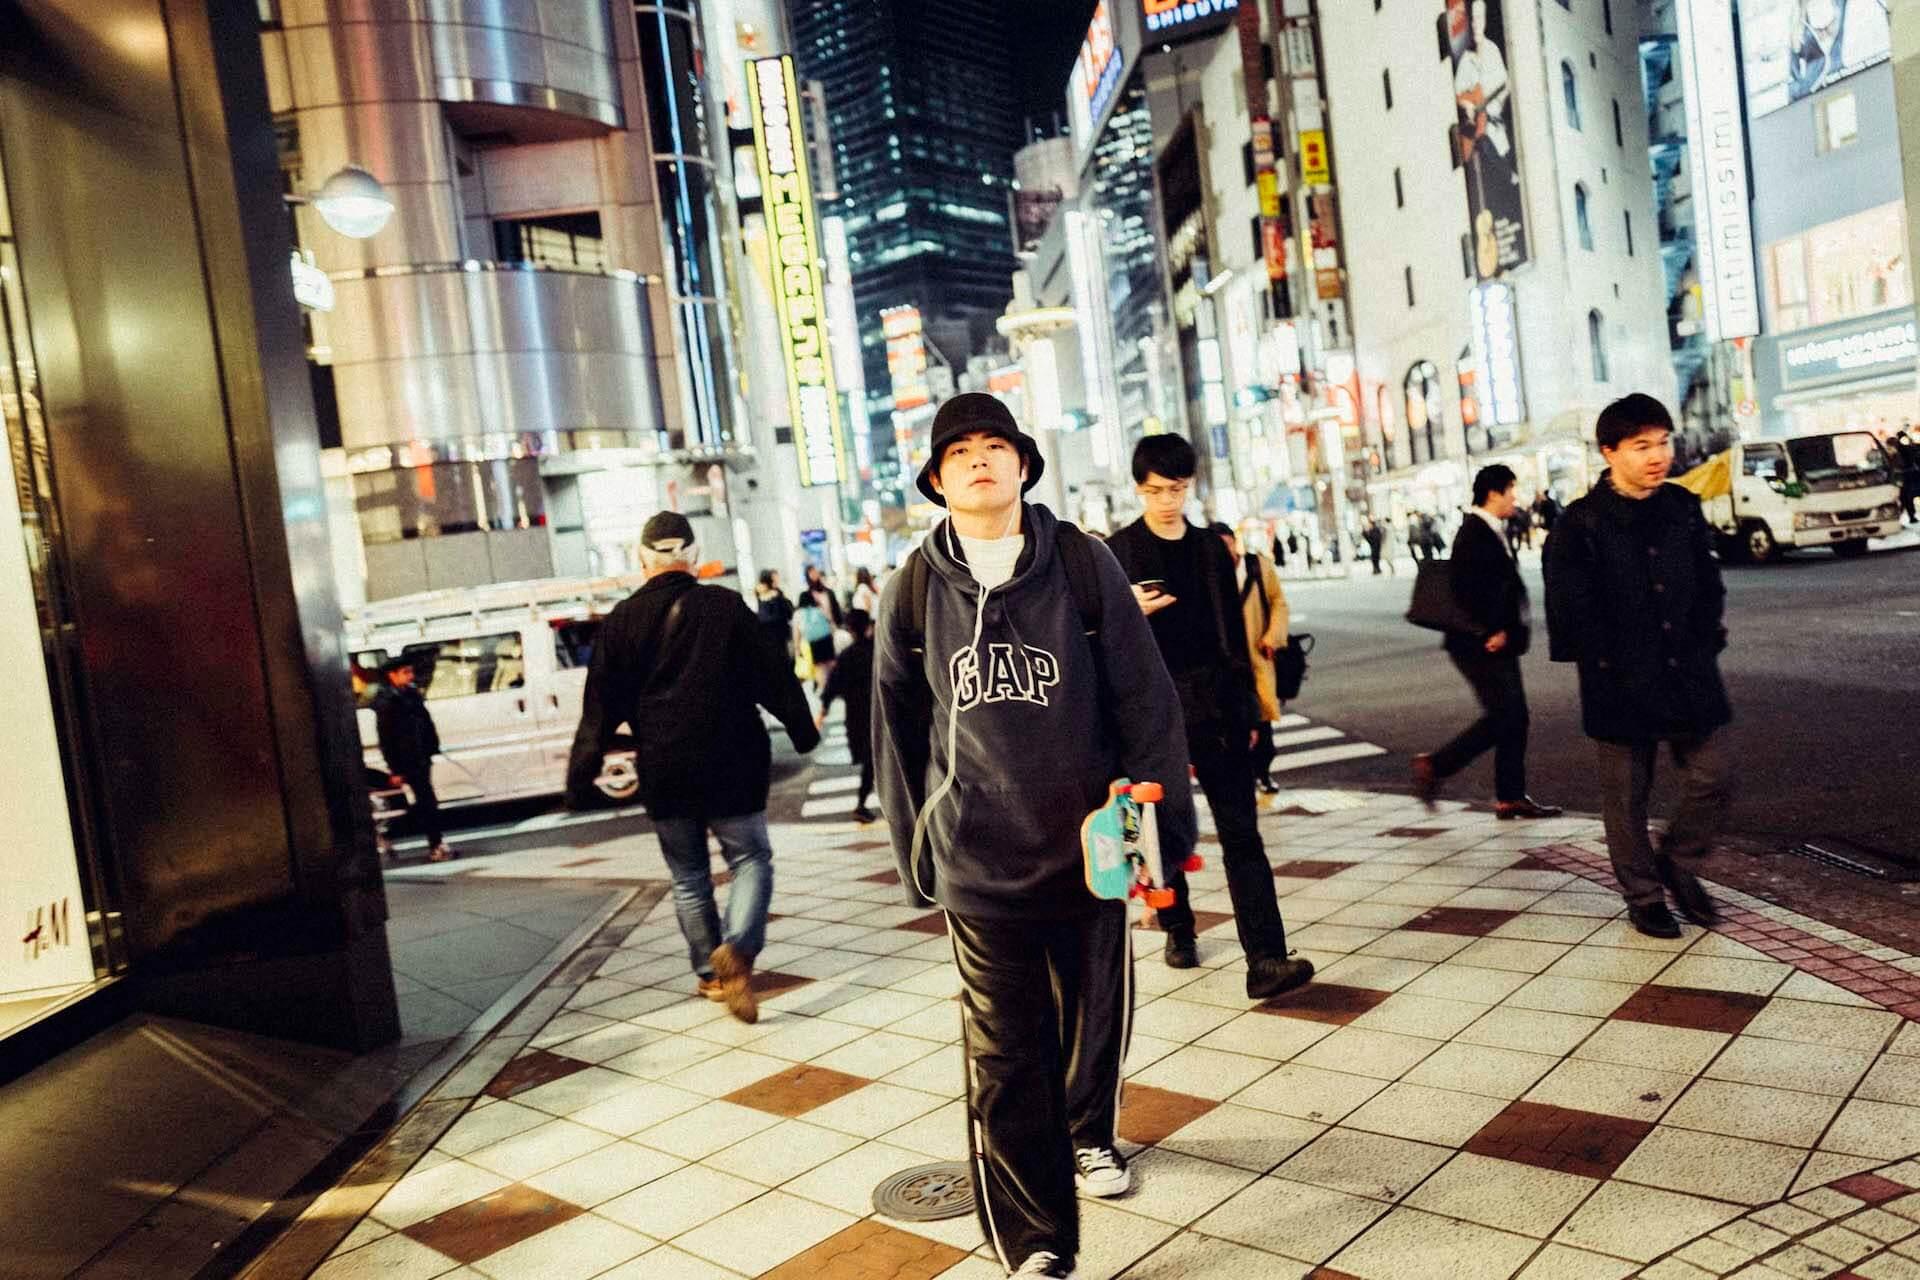 高岩遼のモノローグ|『10』リリースライブに向けて ryo-takaiwa101210-10